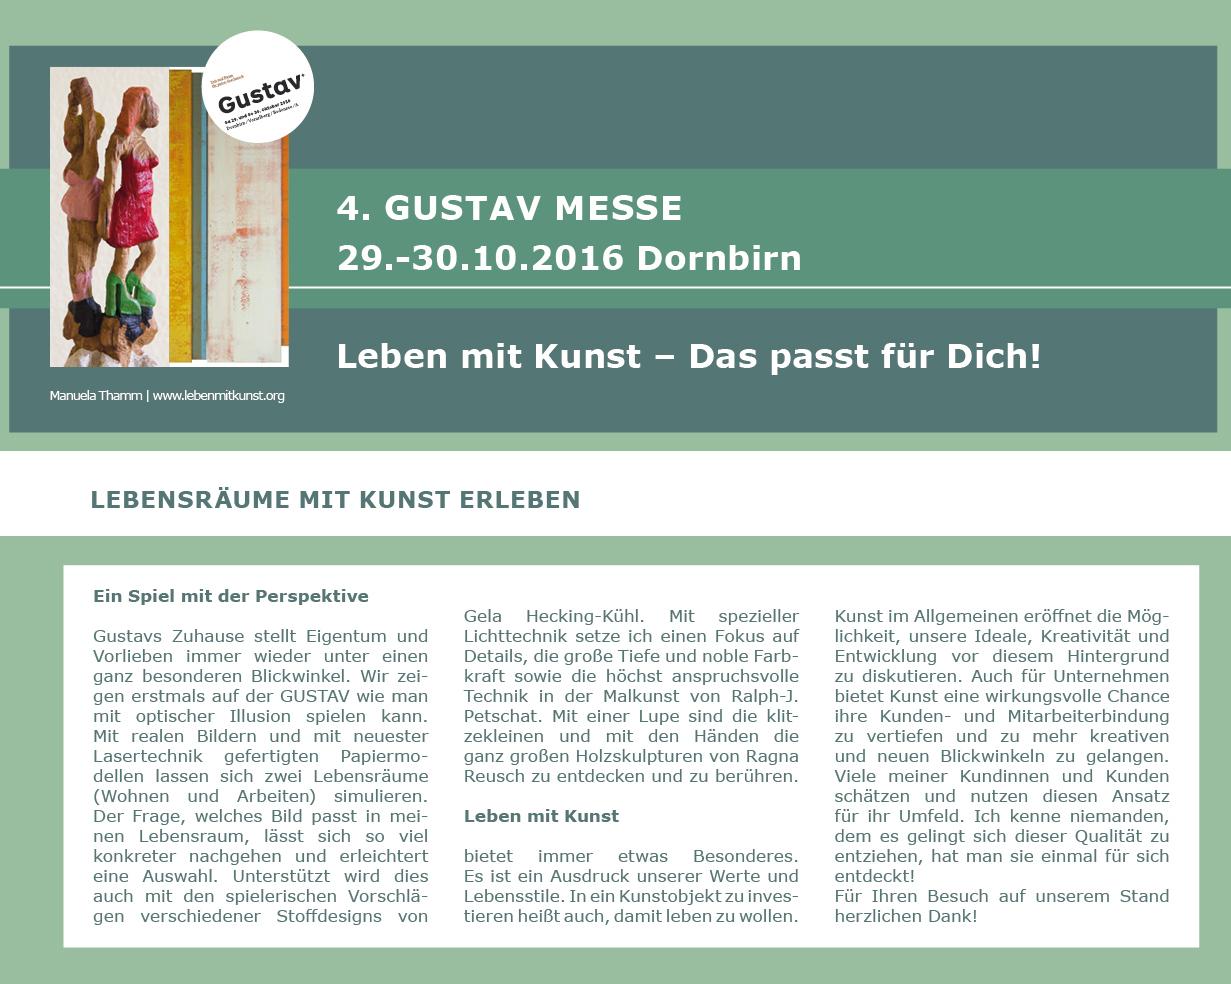 Thamme-Gustav.Messe-website